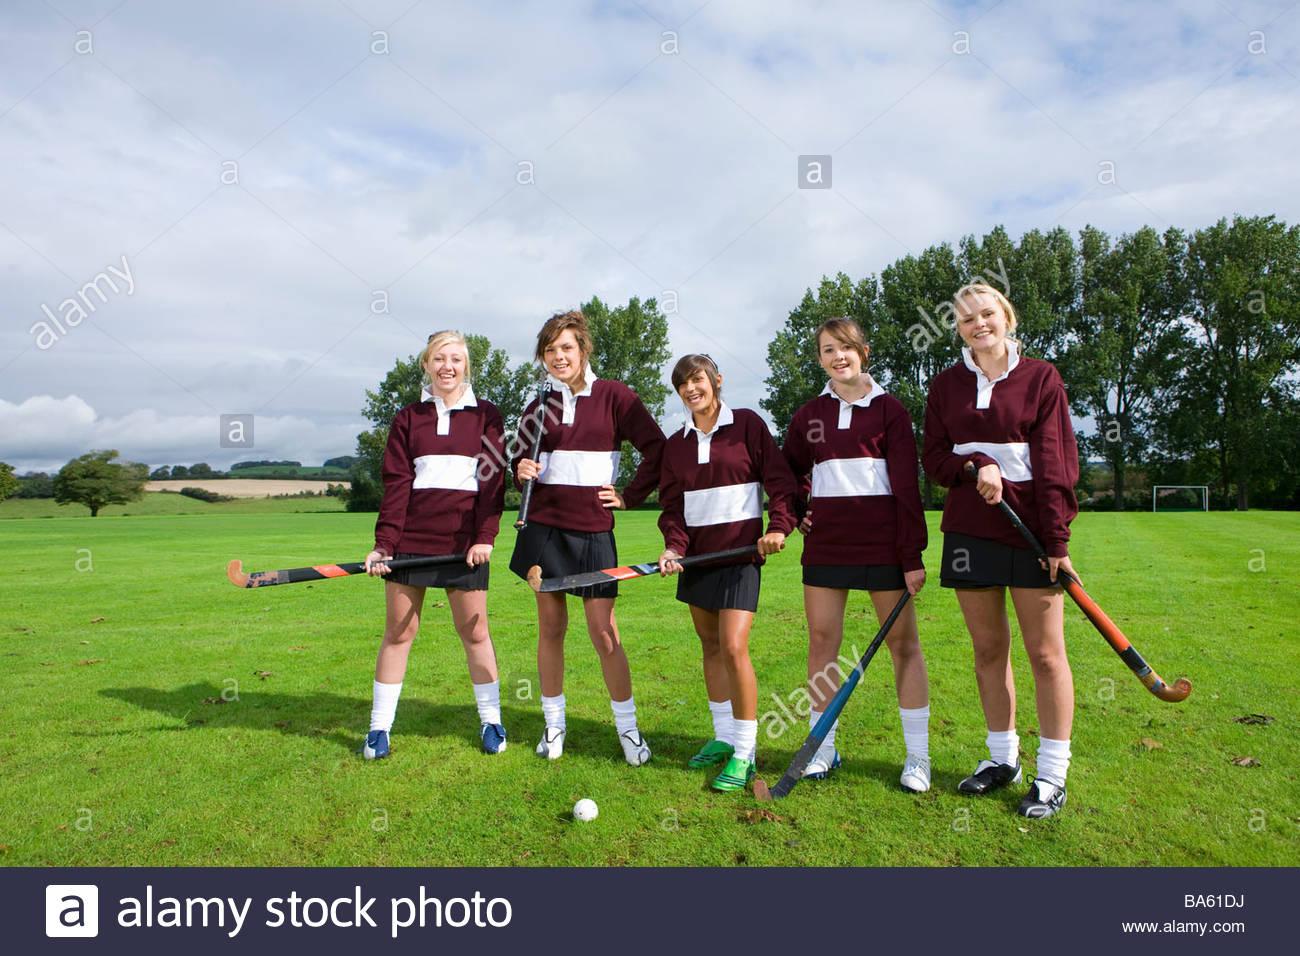 Ragazza adolescente field hockey team Immagini Stock